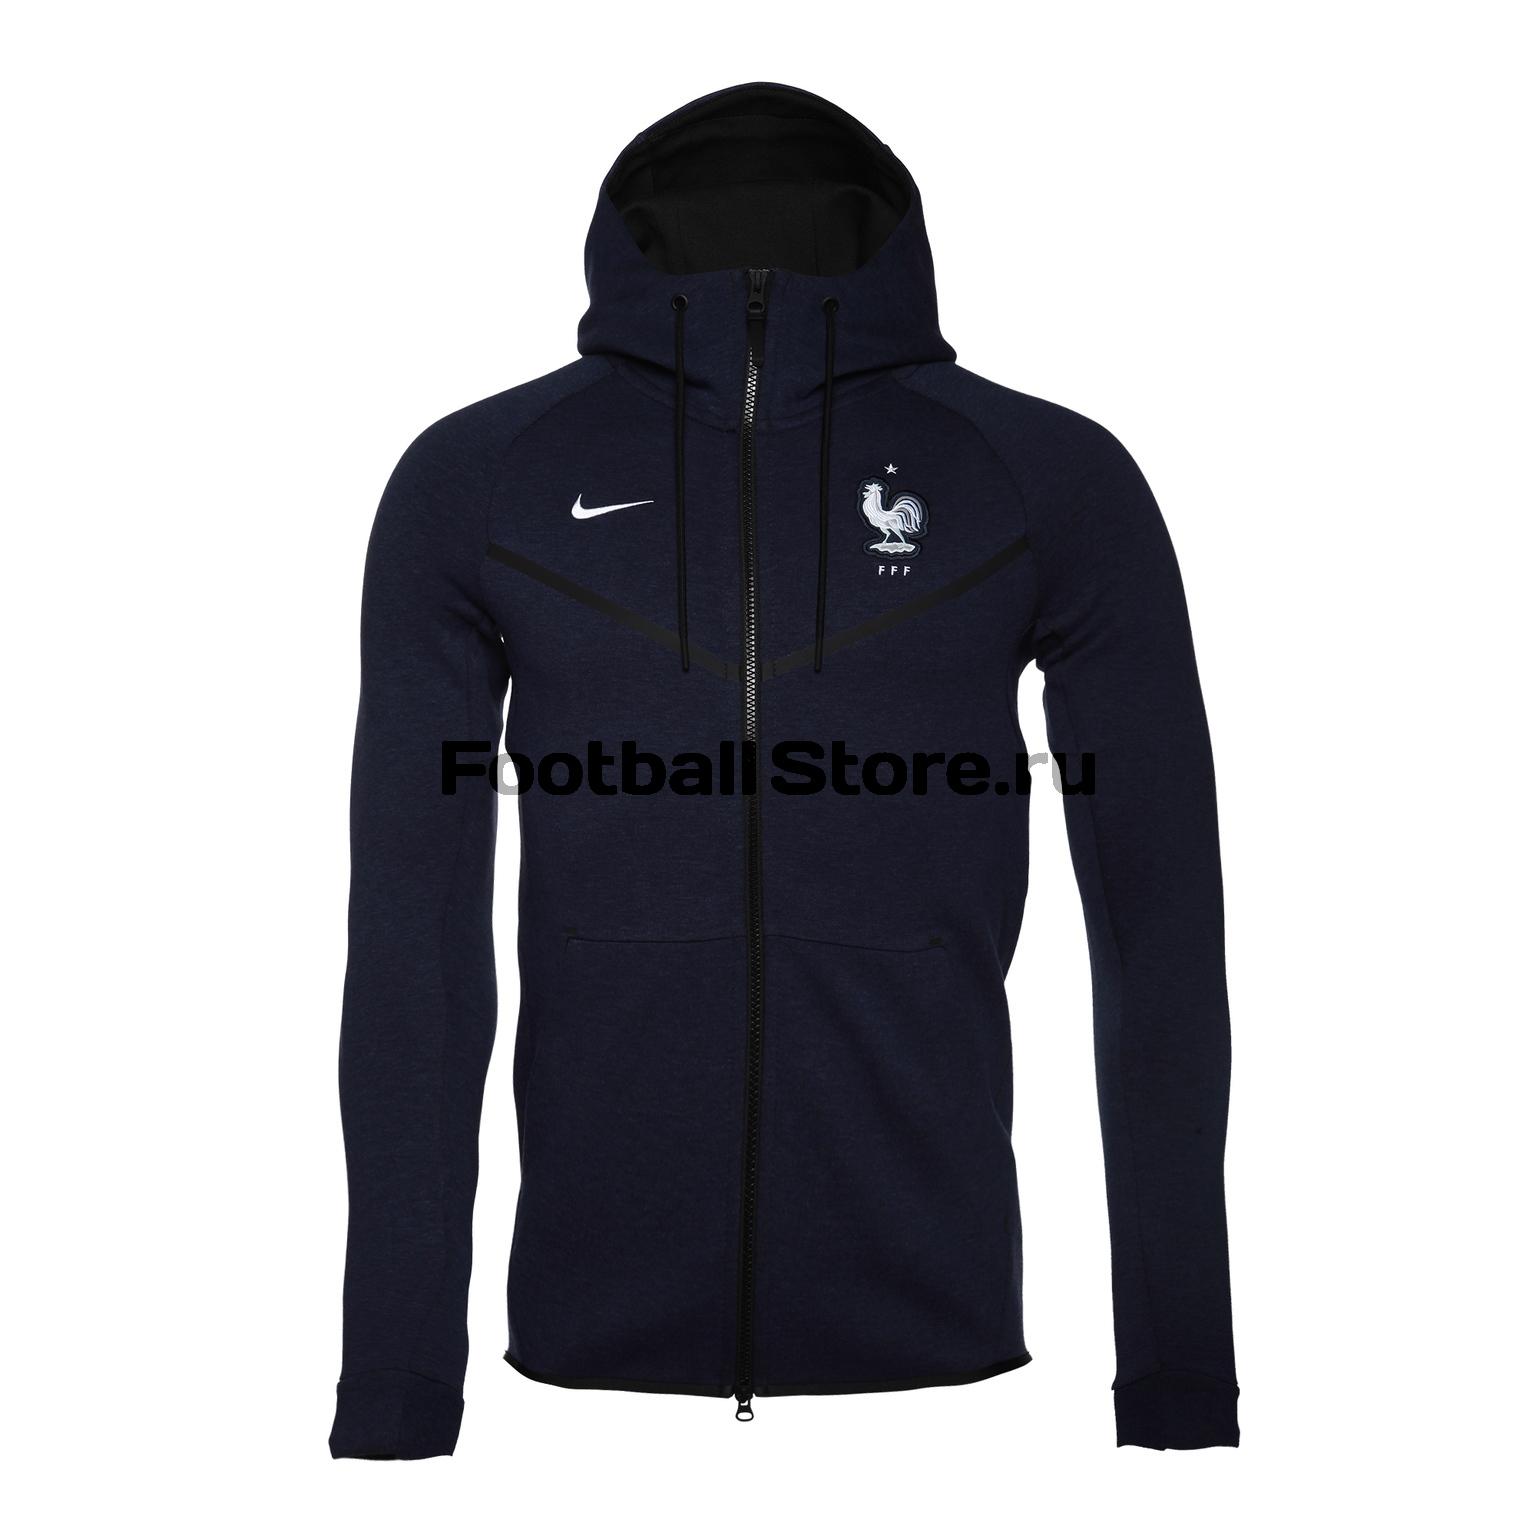 Куртка флисовая Nike сборная Франции 927419-475